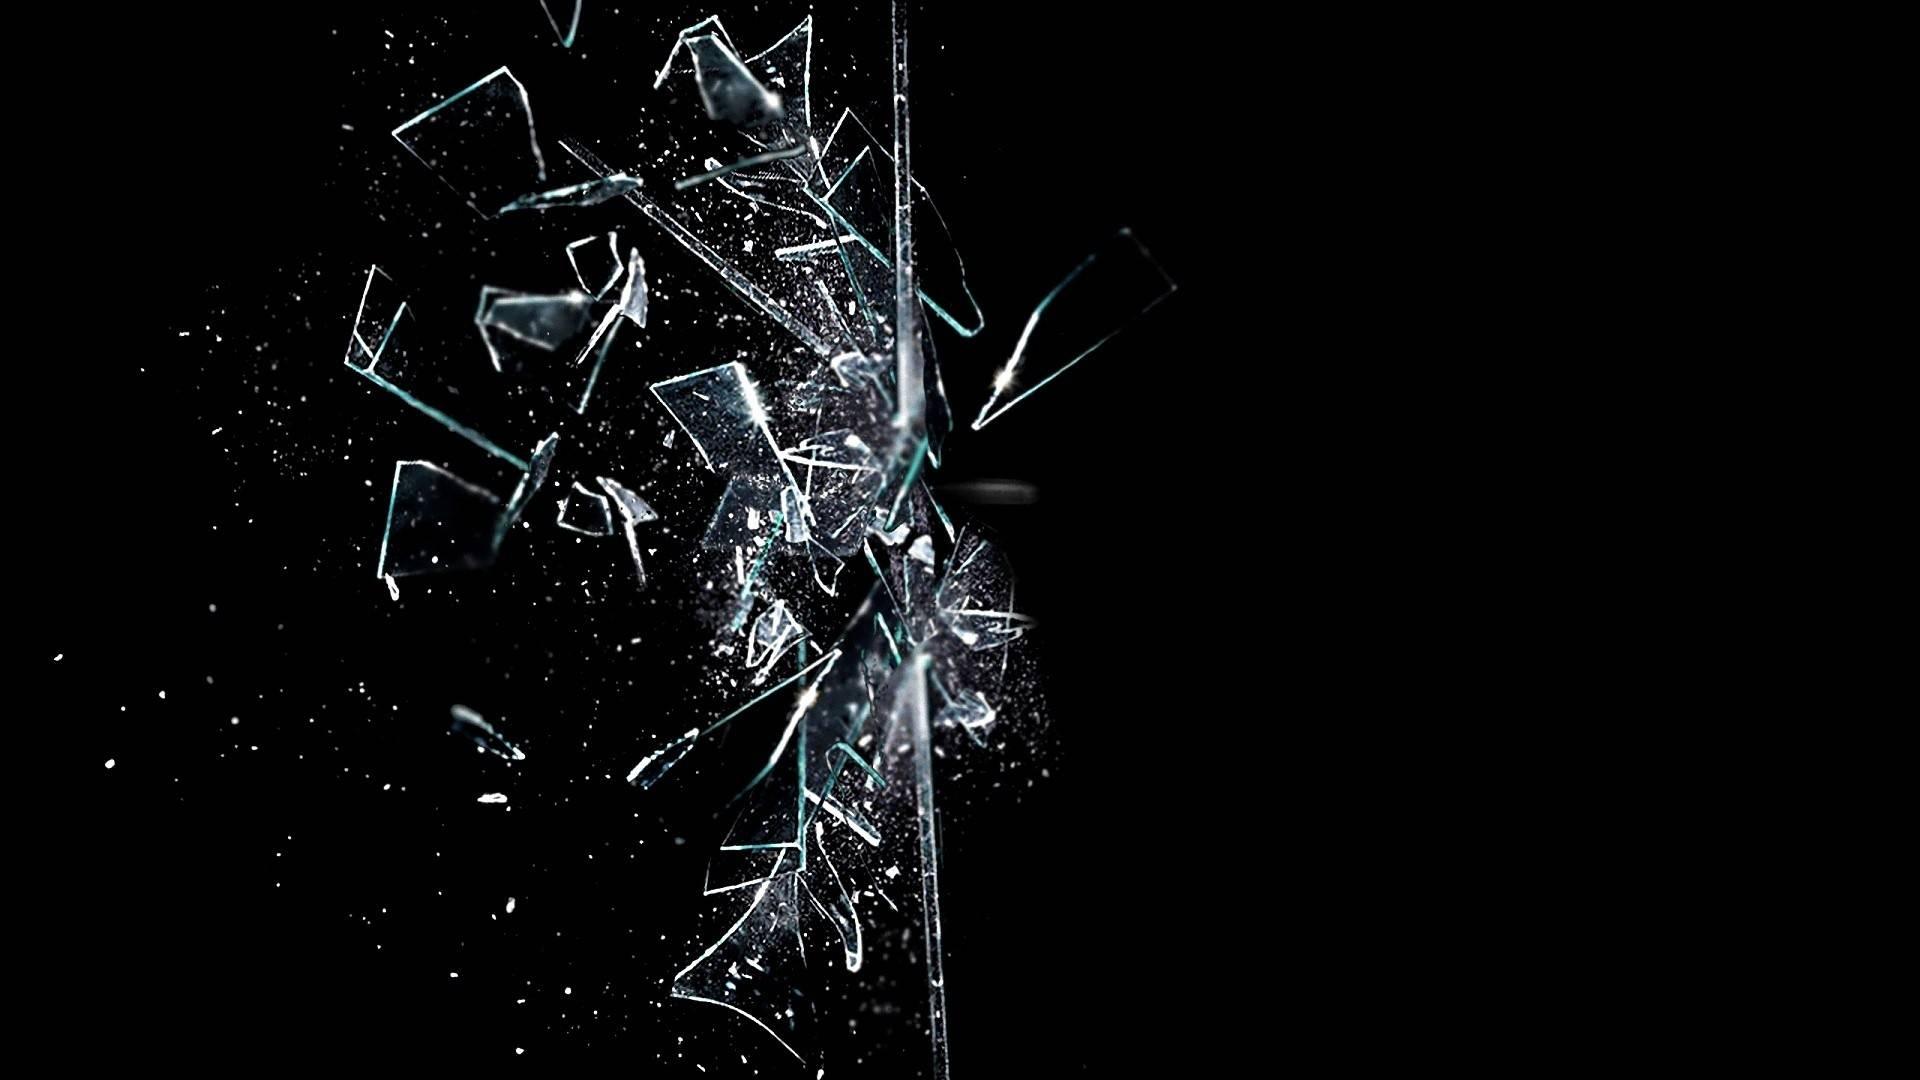 broken window wallpapers - photo #9